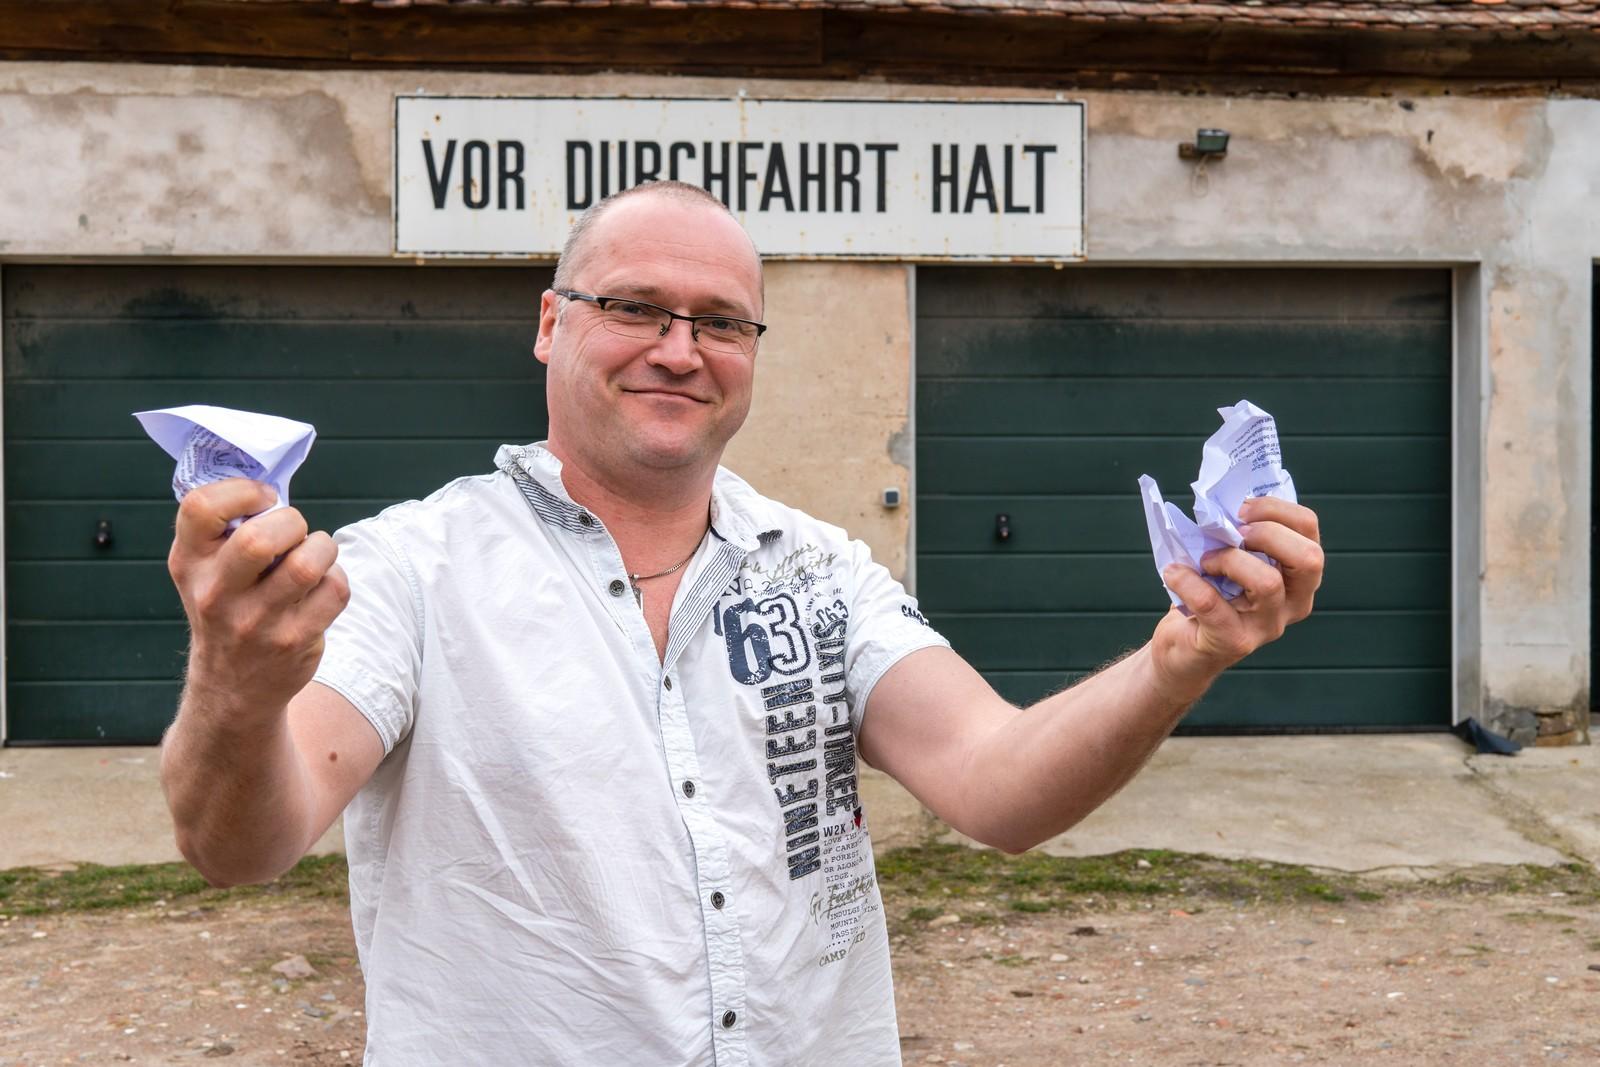 Zu viel Bürokratie: Dieser Unternehmer macht Schluss